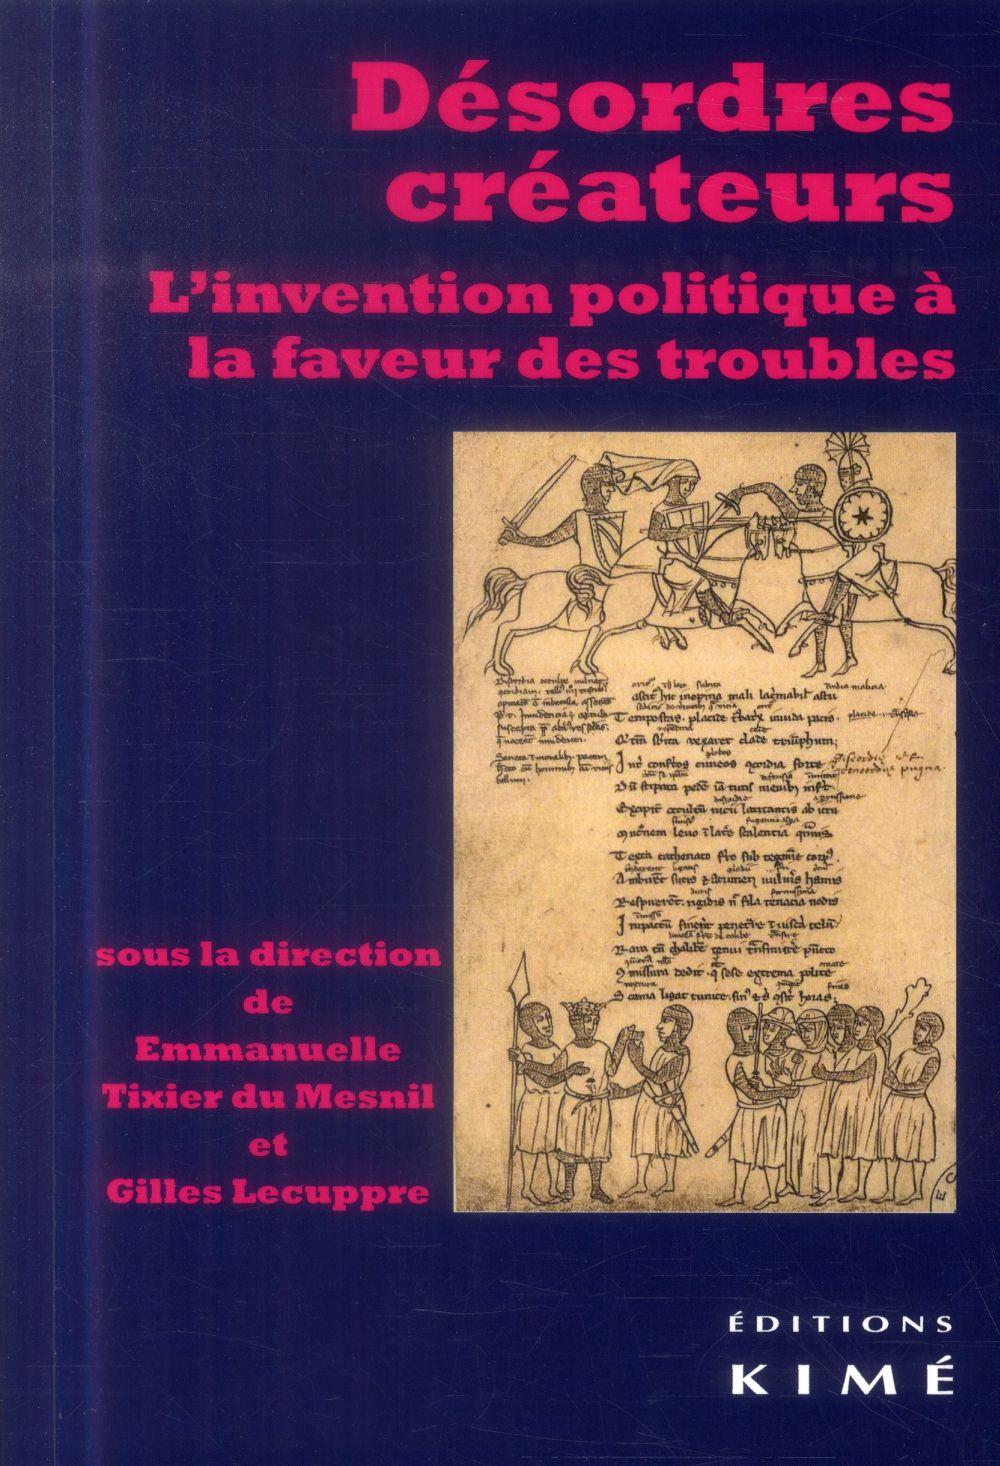 DESORDRES CREATEURS - L'INVENTION POLITIQUE A LA FAVEUR DES...